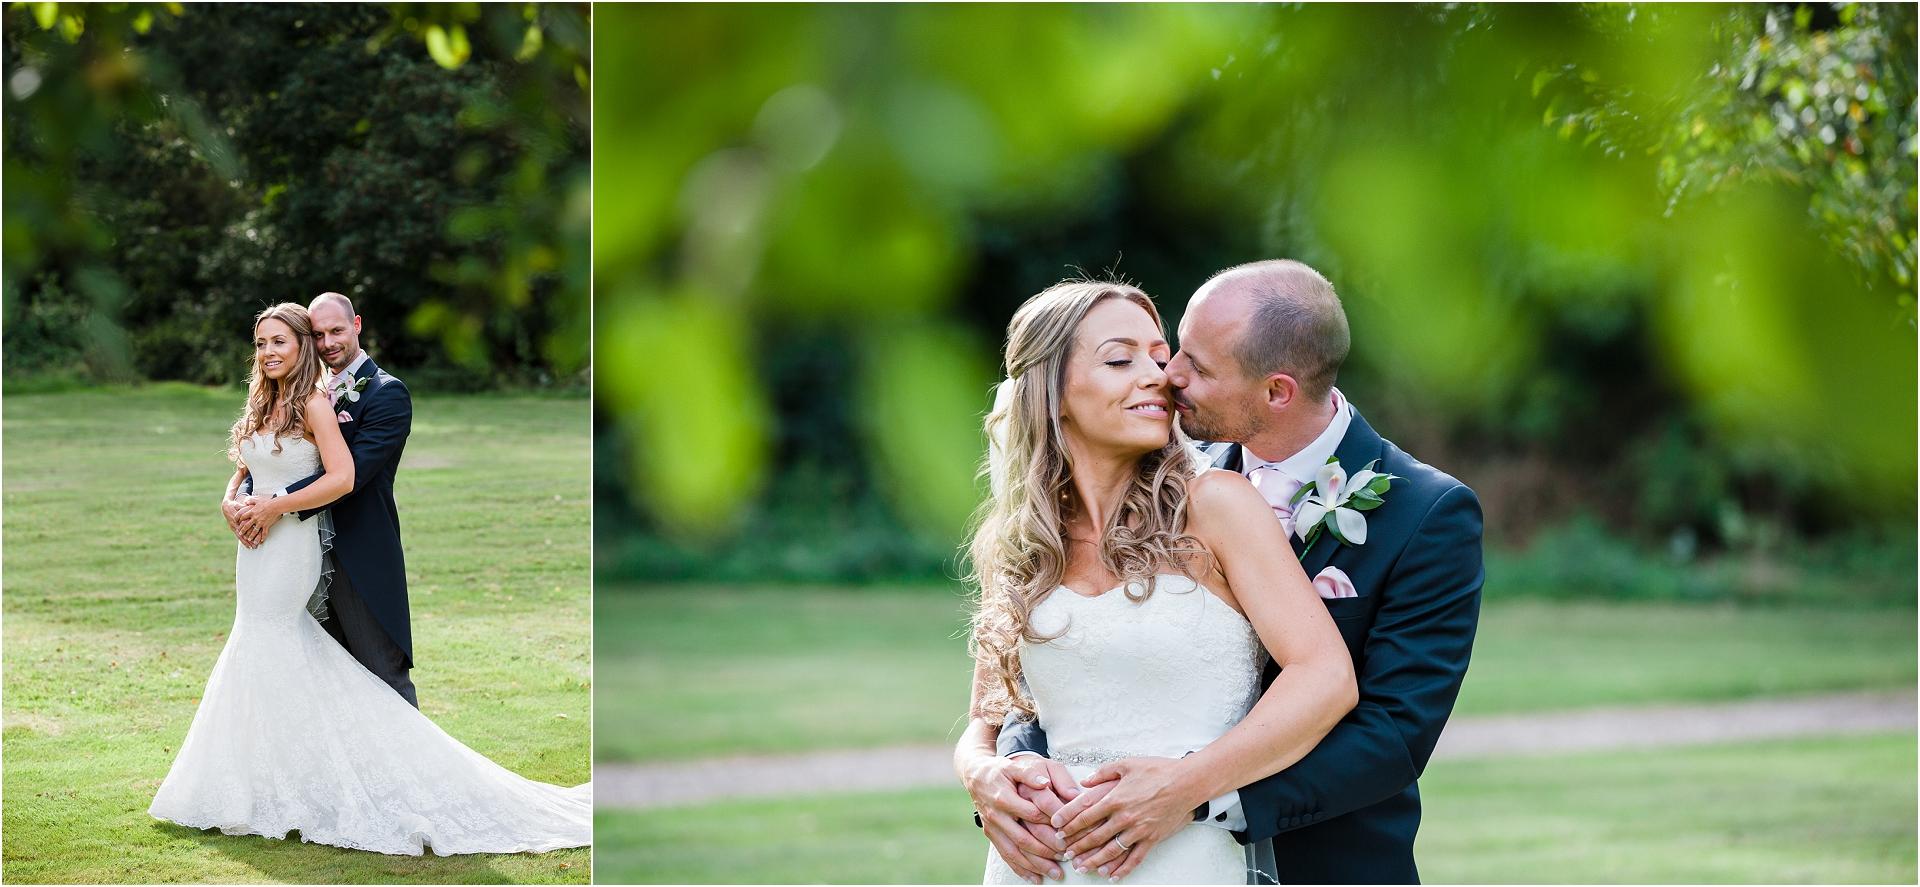 Norwood Park Wedding Photography